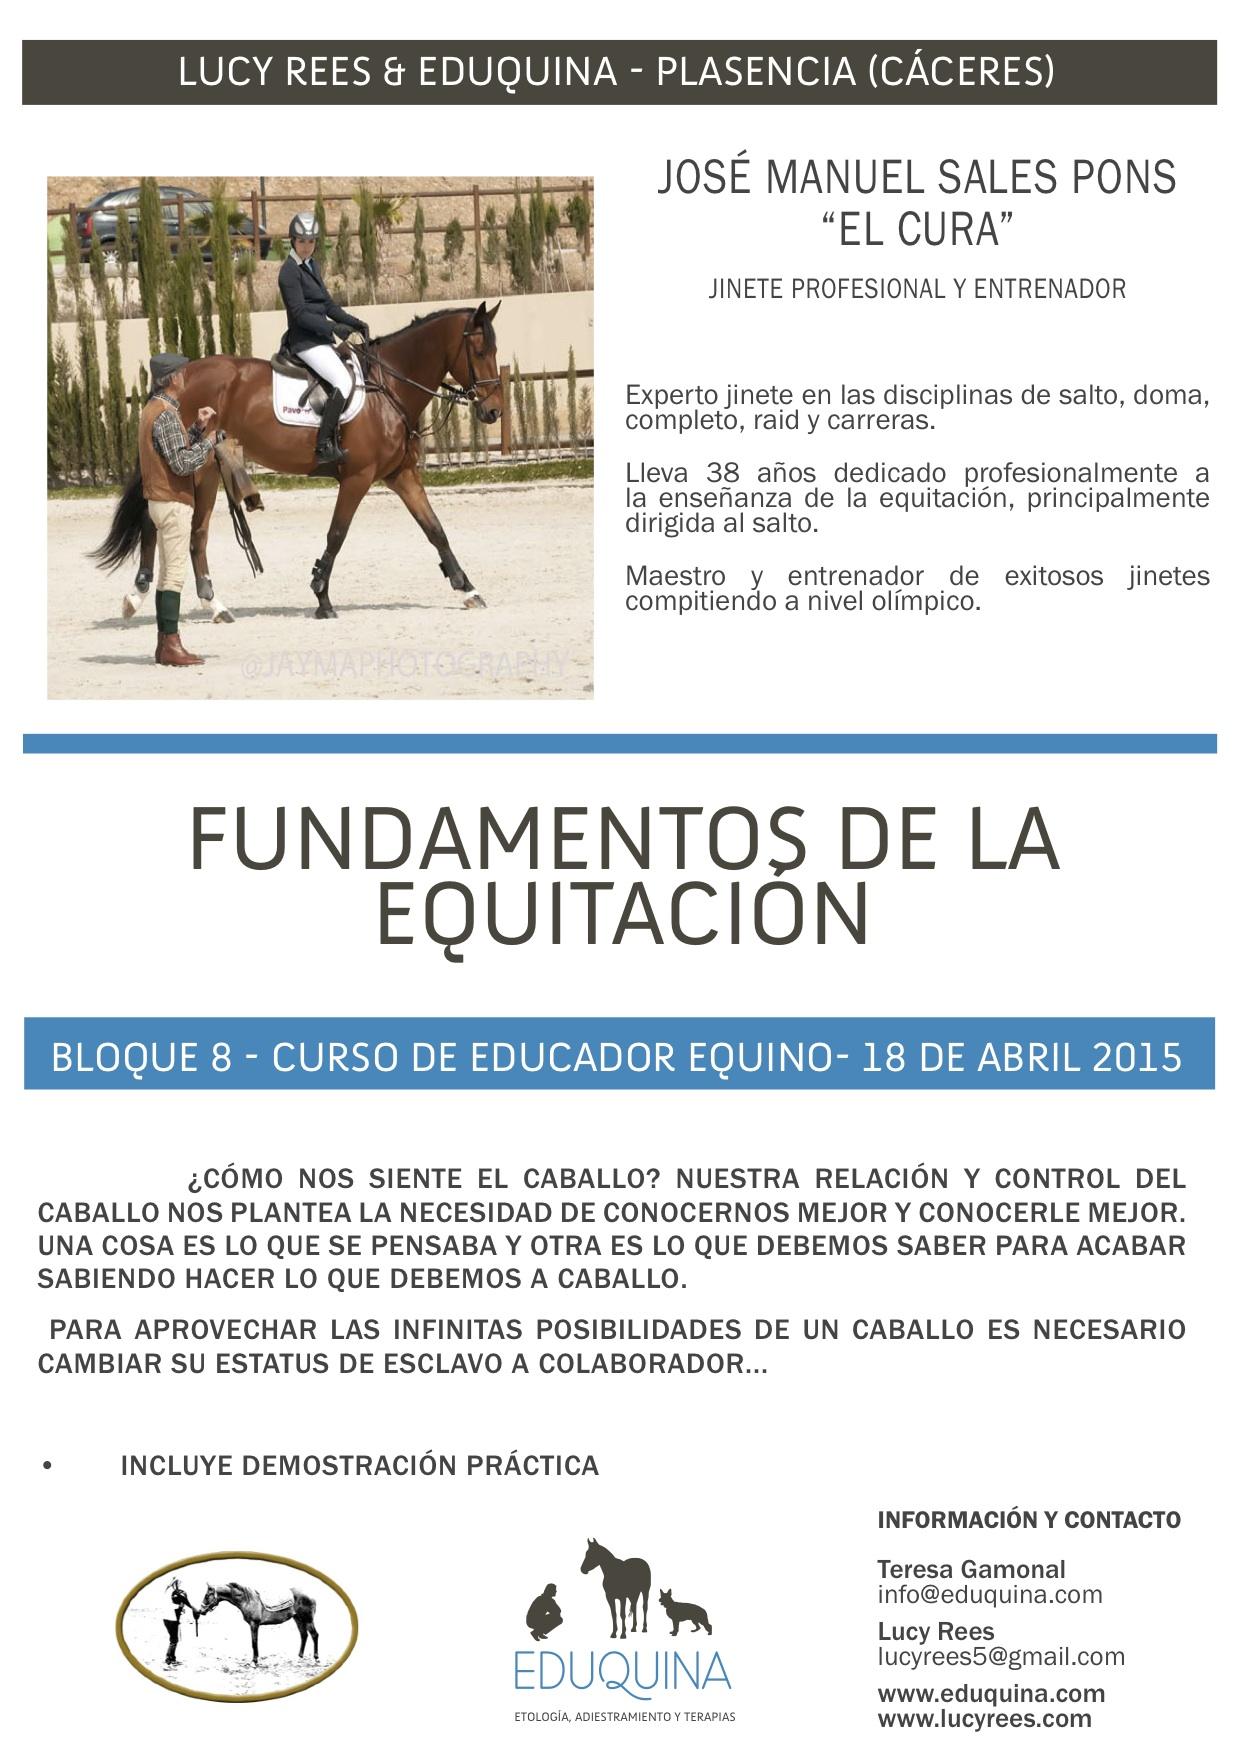 Curso: Fundamentos de la Equitación. José Manuel Sales Pons «el cura».